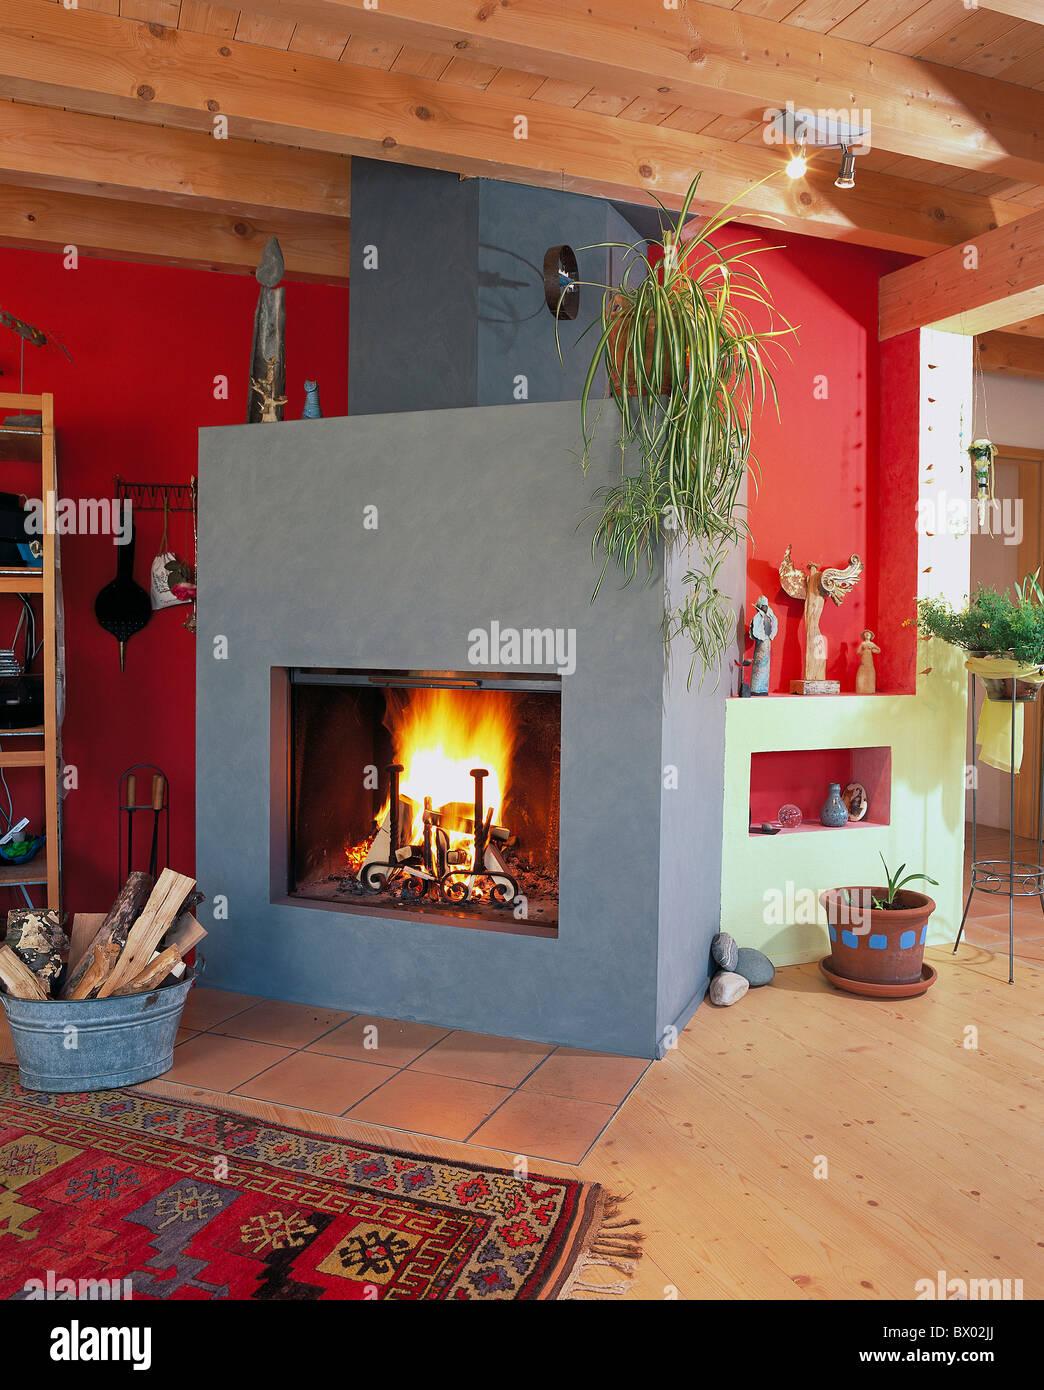 Architektur Friedensreich Hundertwasser-Haus nach Hause innen Kamin ...